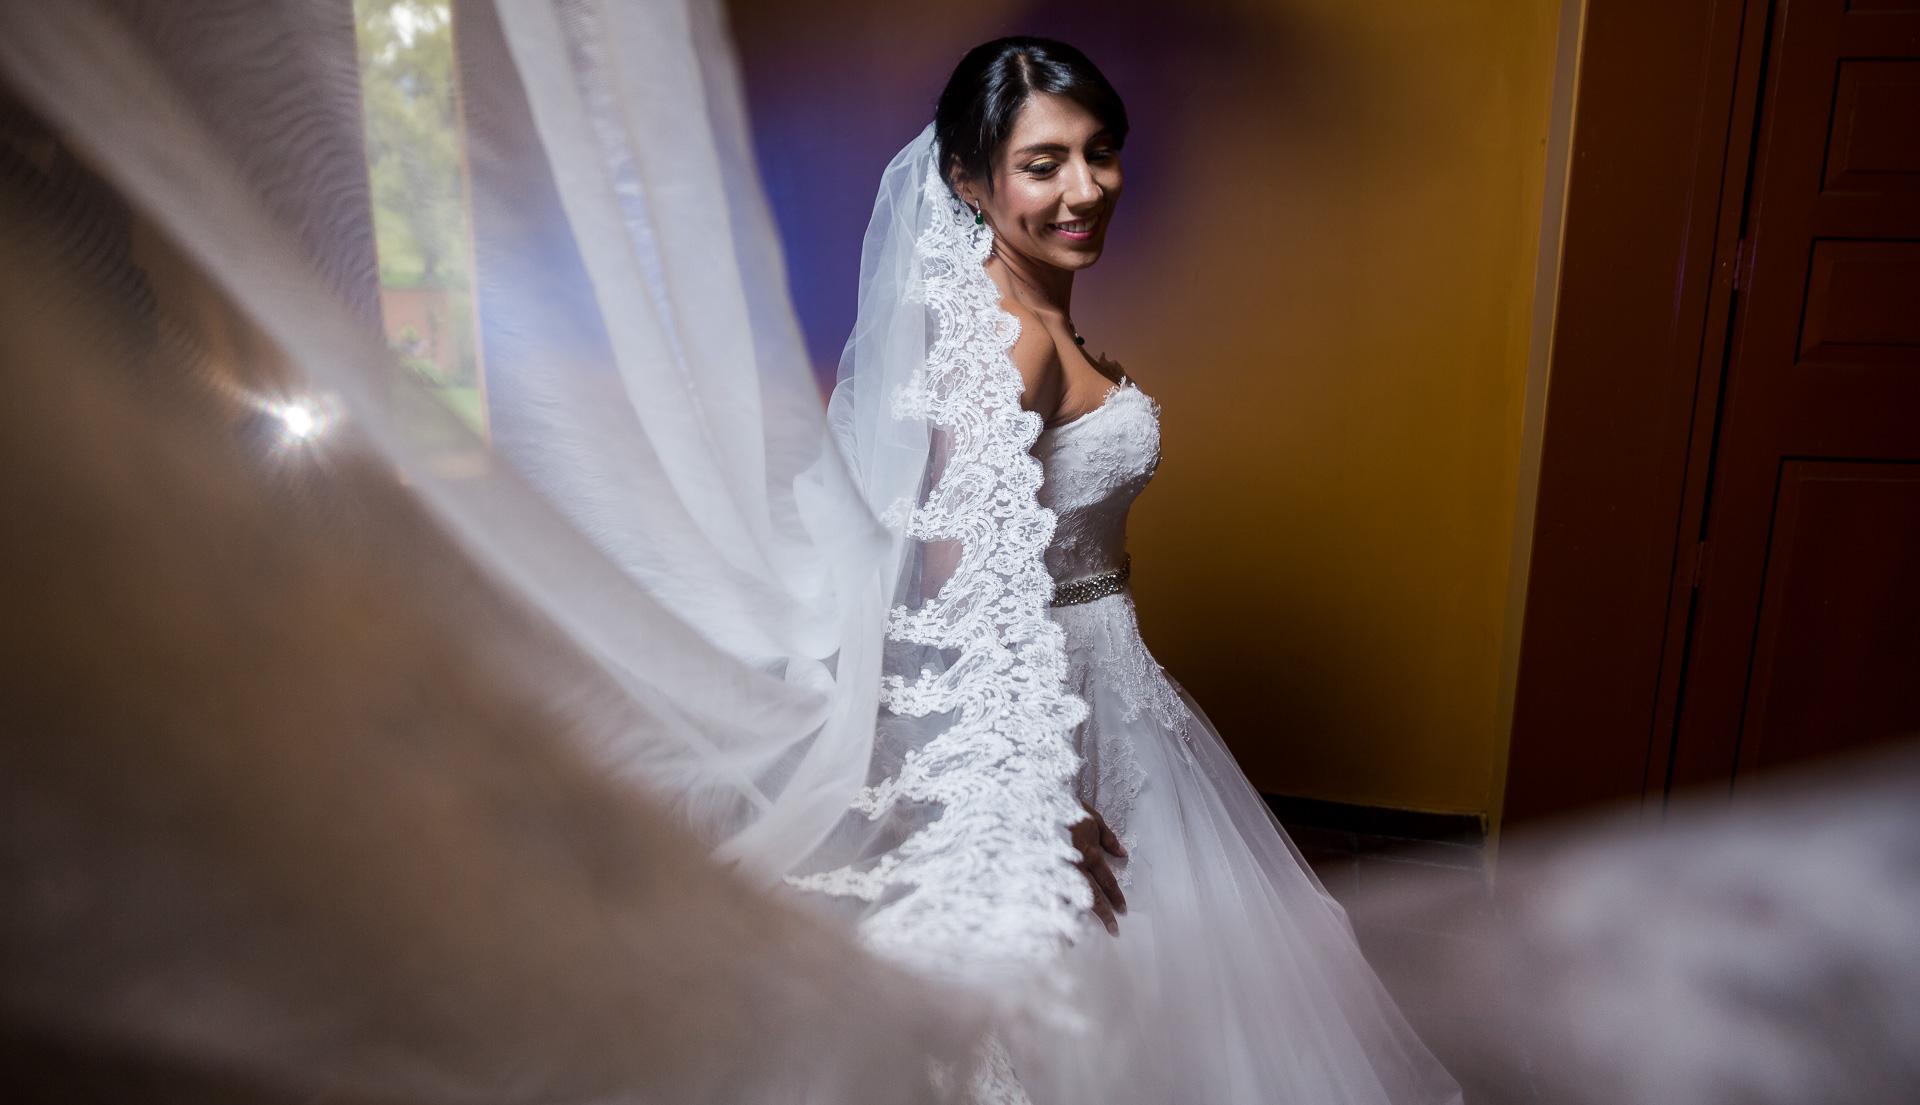 Fotógrafos-de-bodas-en-Colombia-Angela-y-Antonio-25 ANGELA Y ANTONIO